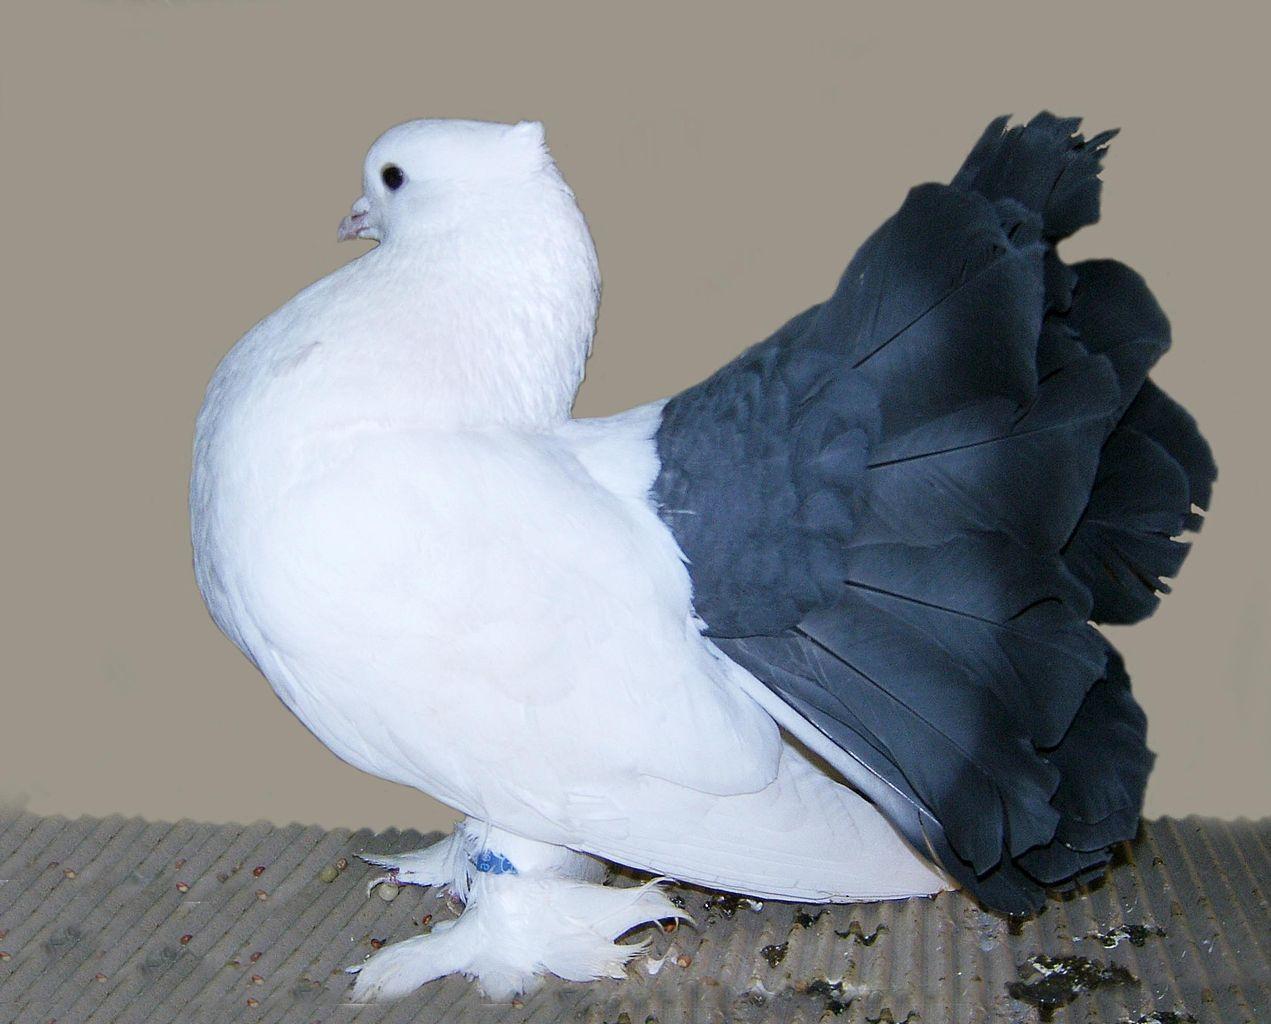 صور حمام طيور جميلة اجمل خلفيات طيور جارحة طيور جميلة 20